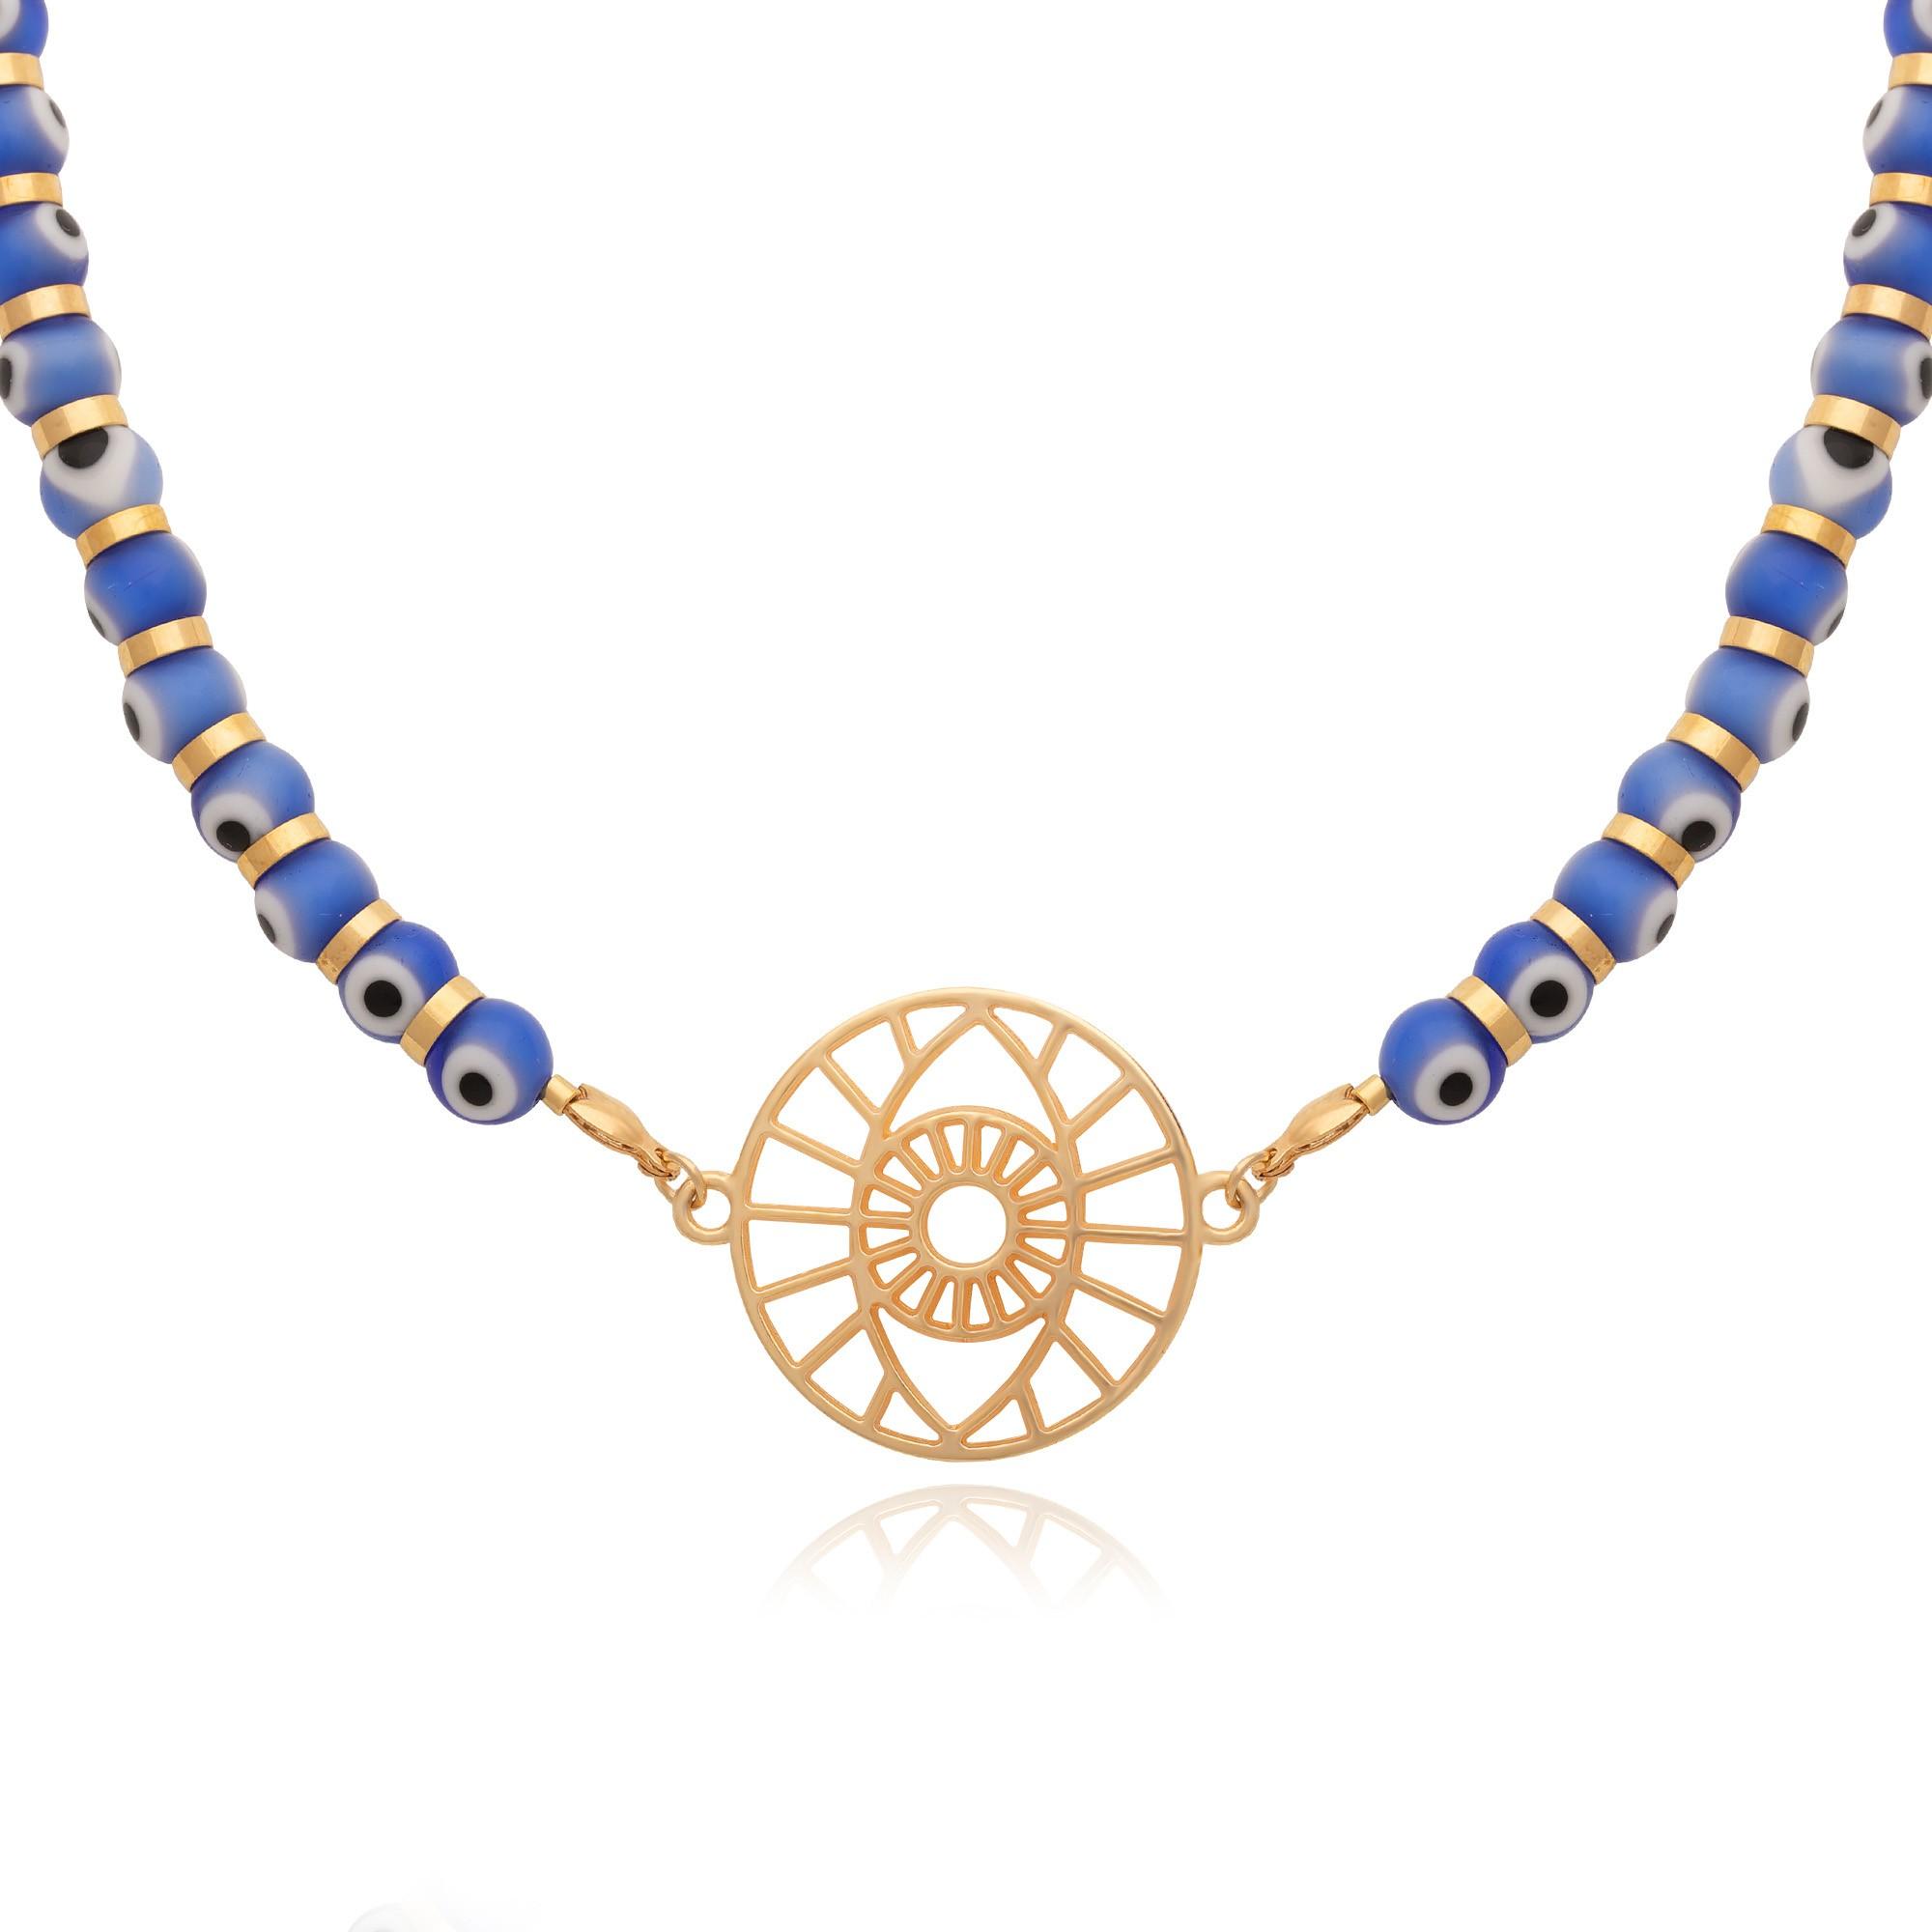 Colar olho grego azul com pingente banhado à ouro 18k.  - romabrazil.com.br